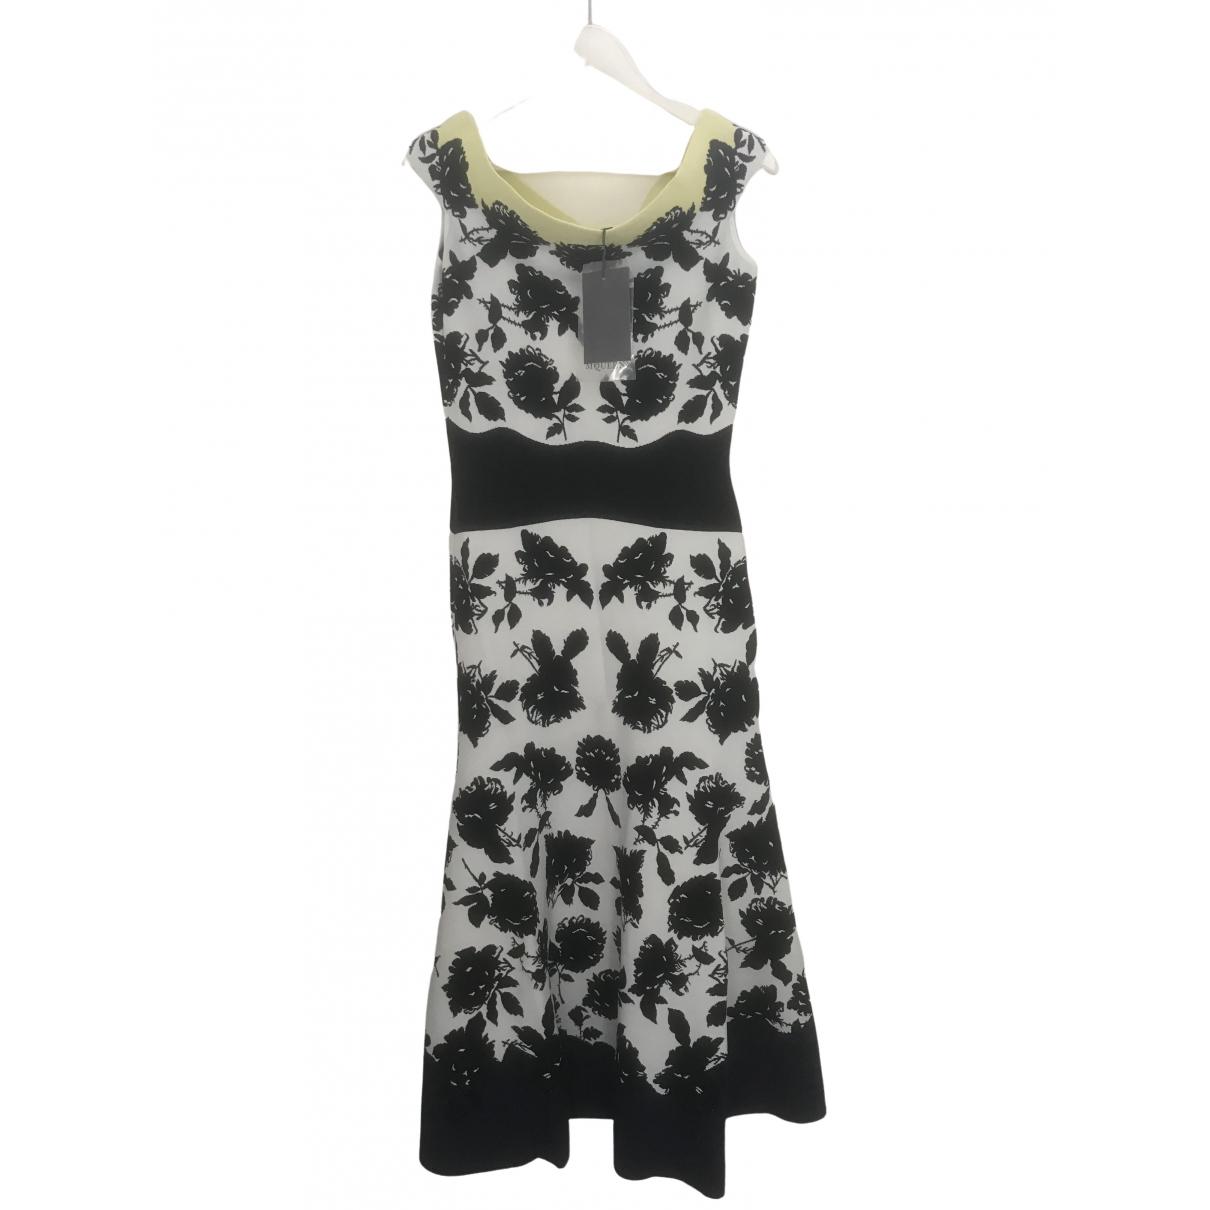 Alexander Mcqueen \N White dress for Women S International